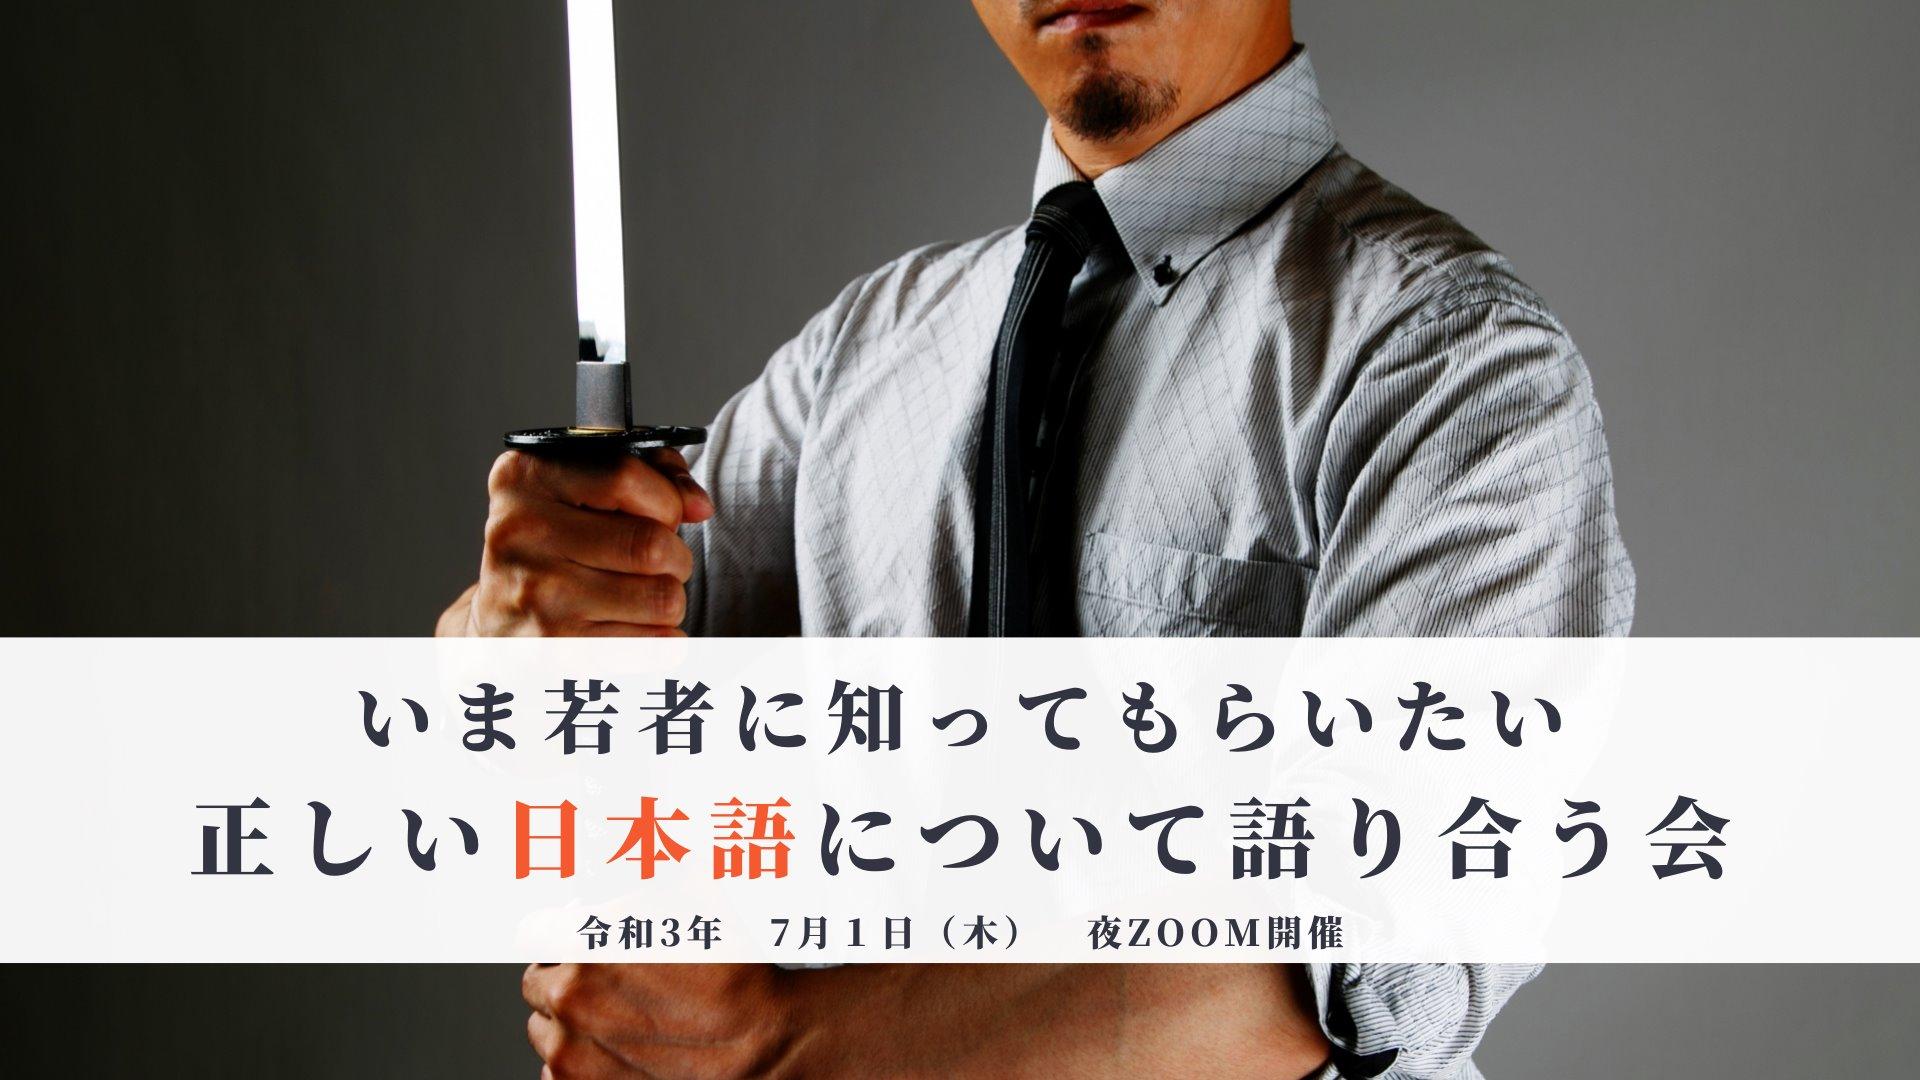 7/1 《オンライン》いま若者に知ってもらいたい!正しい日本語について語り合う会